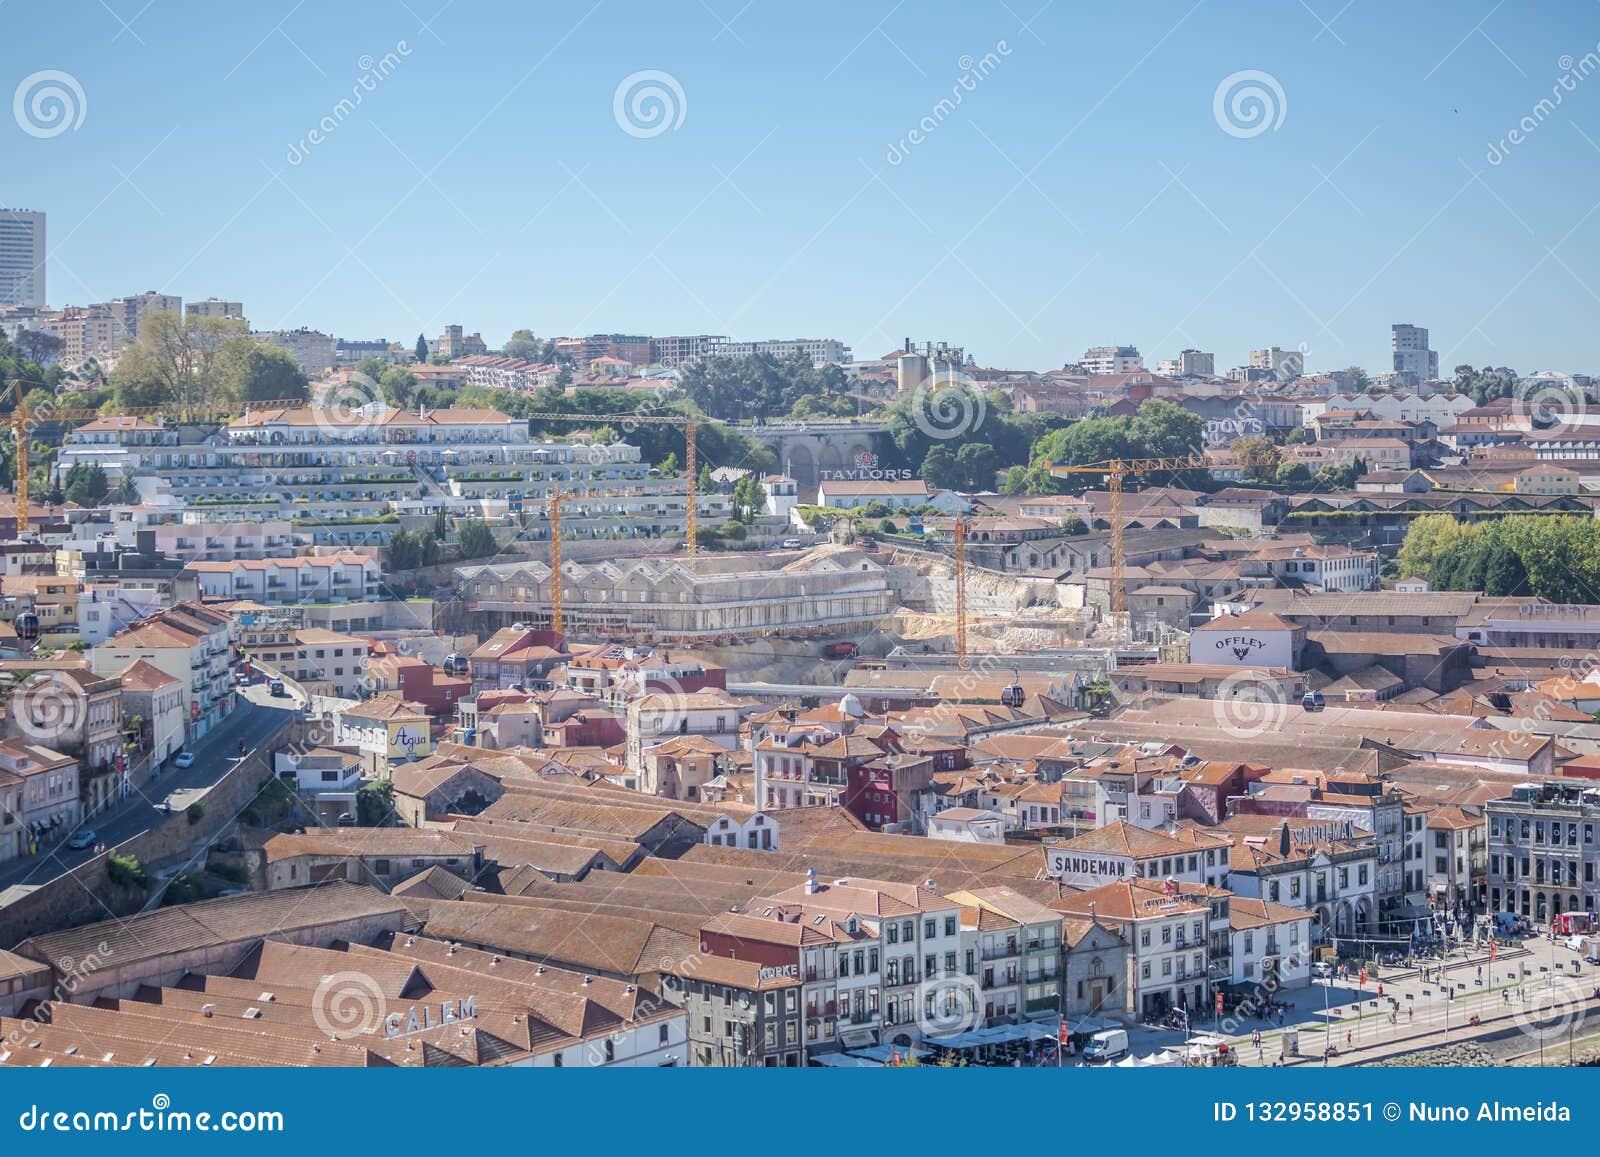 Πόρτο/Πορτογαλία - 10/02/2018: Εναέρια άποψη στις όχθεις ποταμού Douro στην πόλη, τις αποθήκες εμπορευμάτων και τα κελάρια της Ga